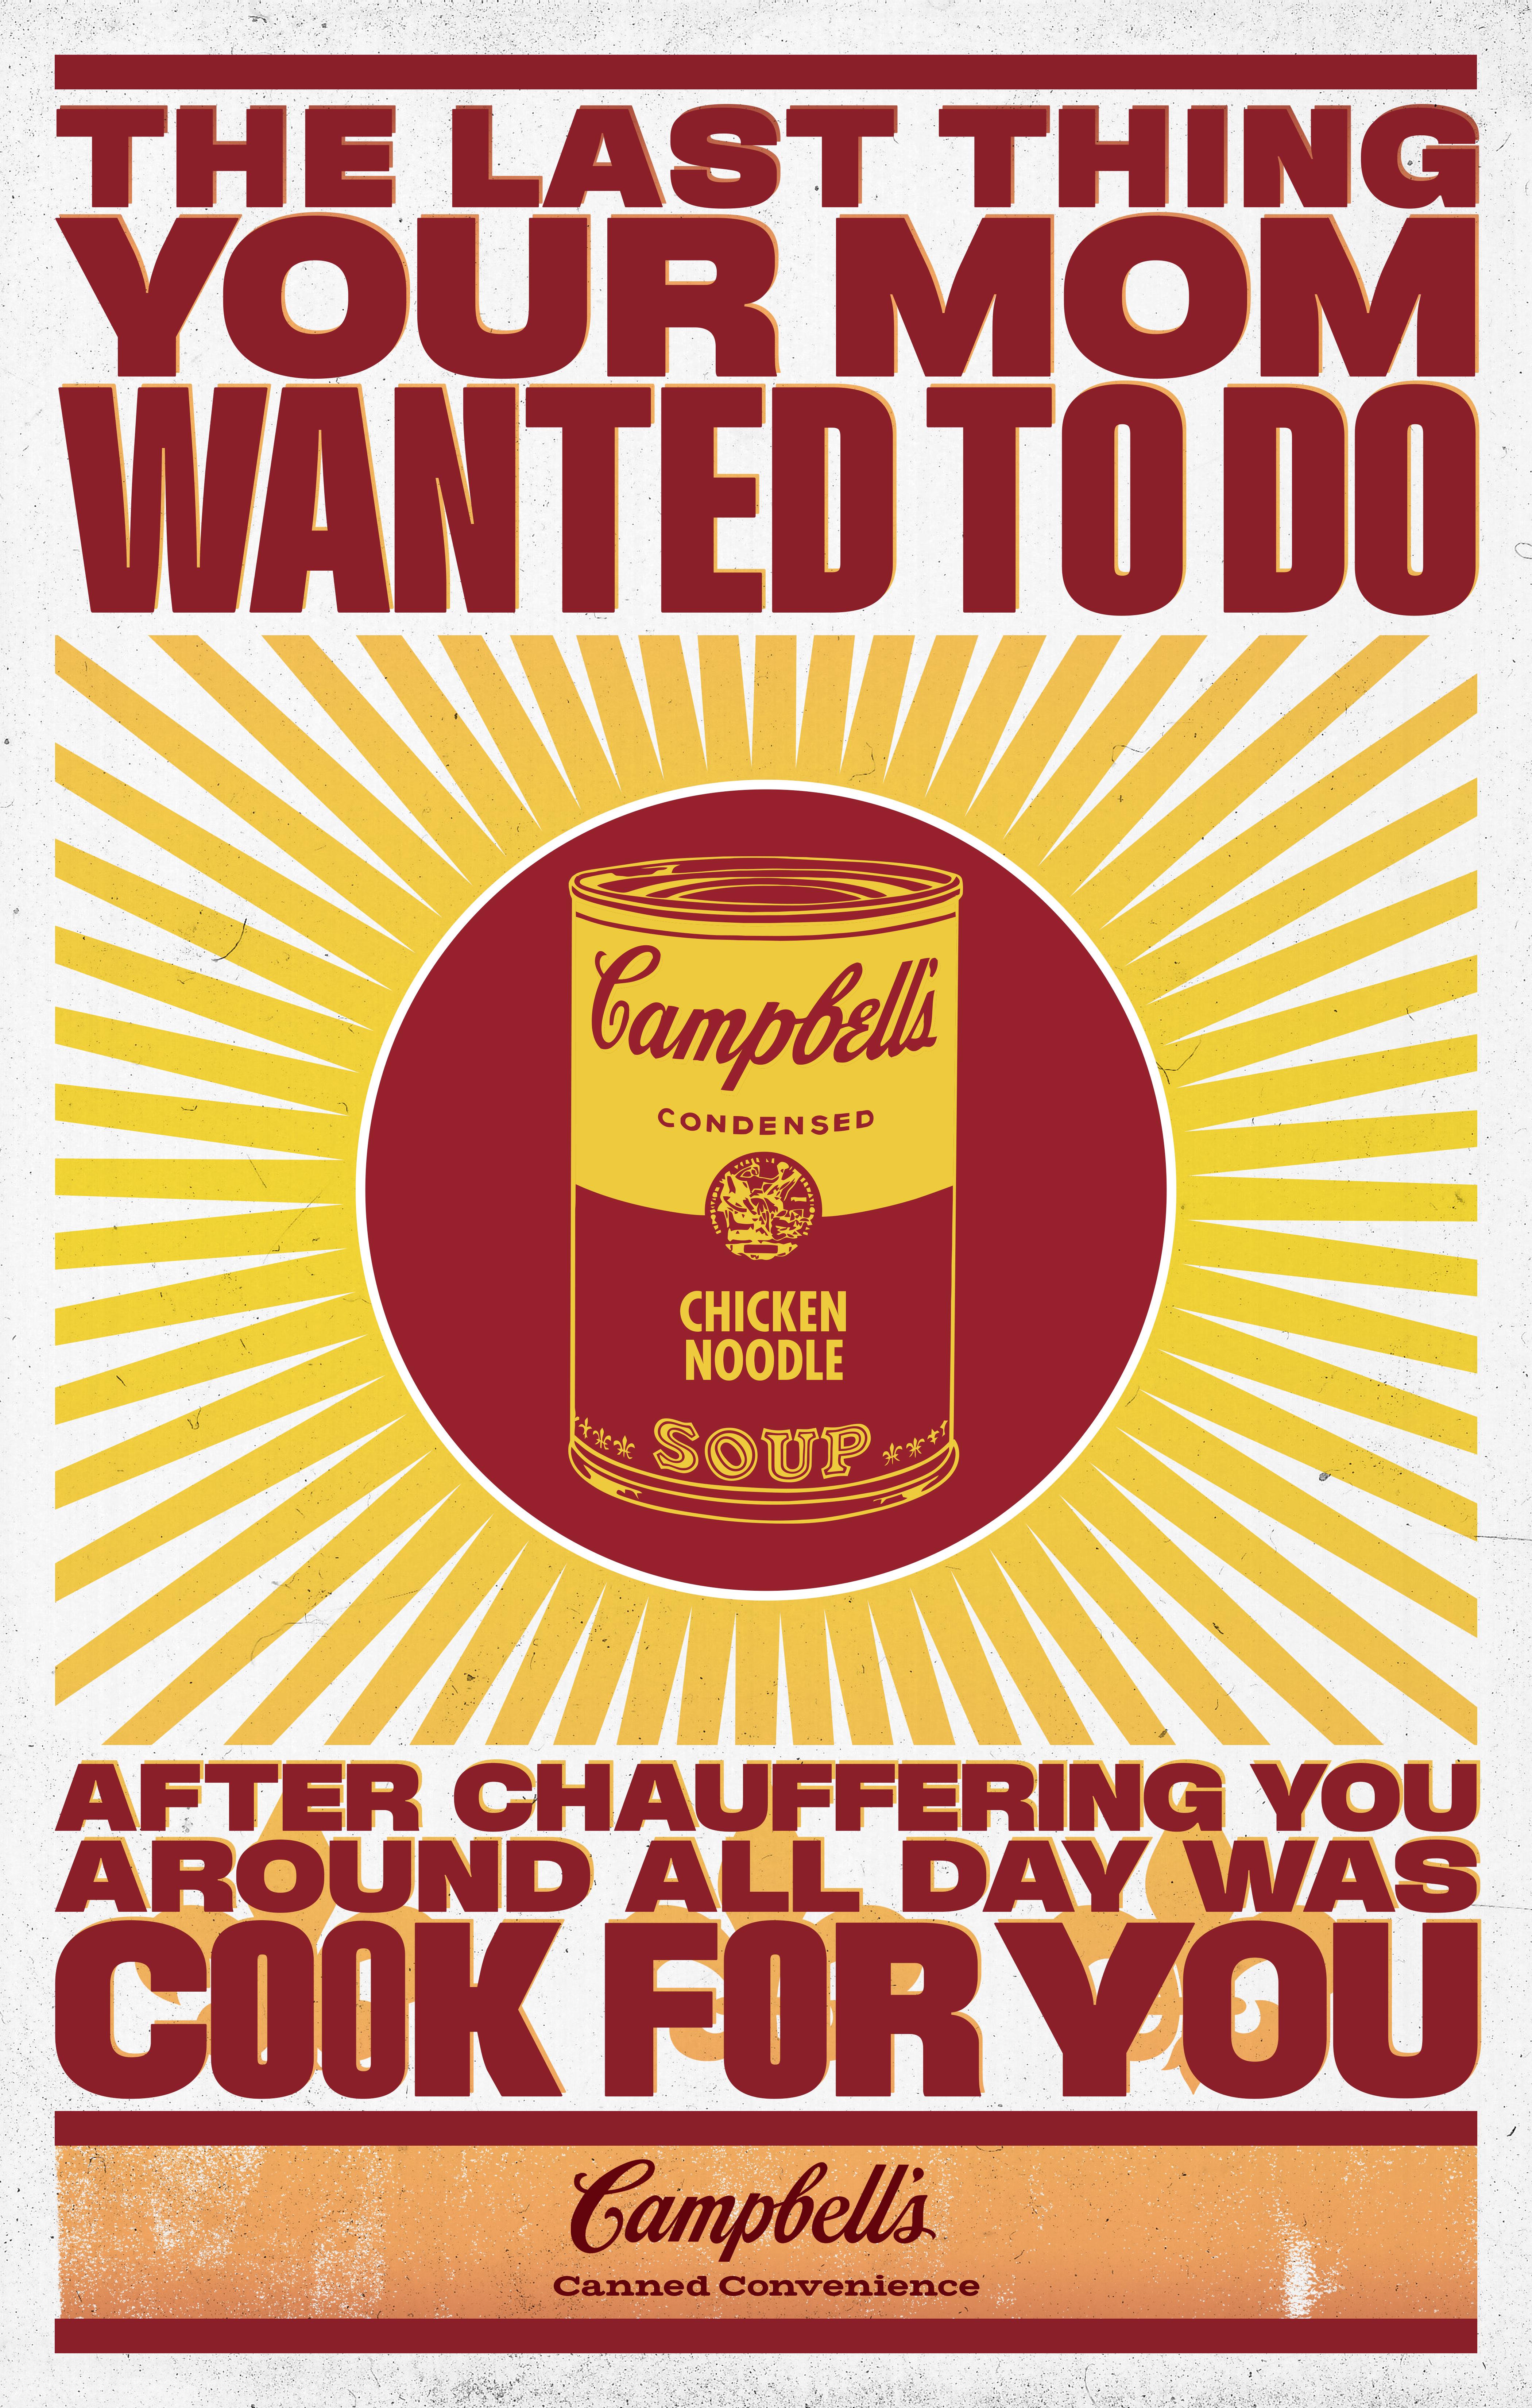 Campbells-1-Final